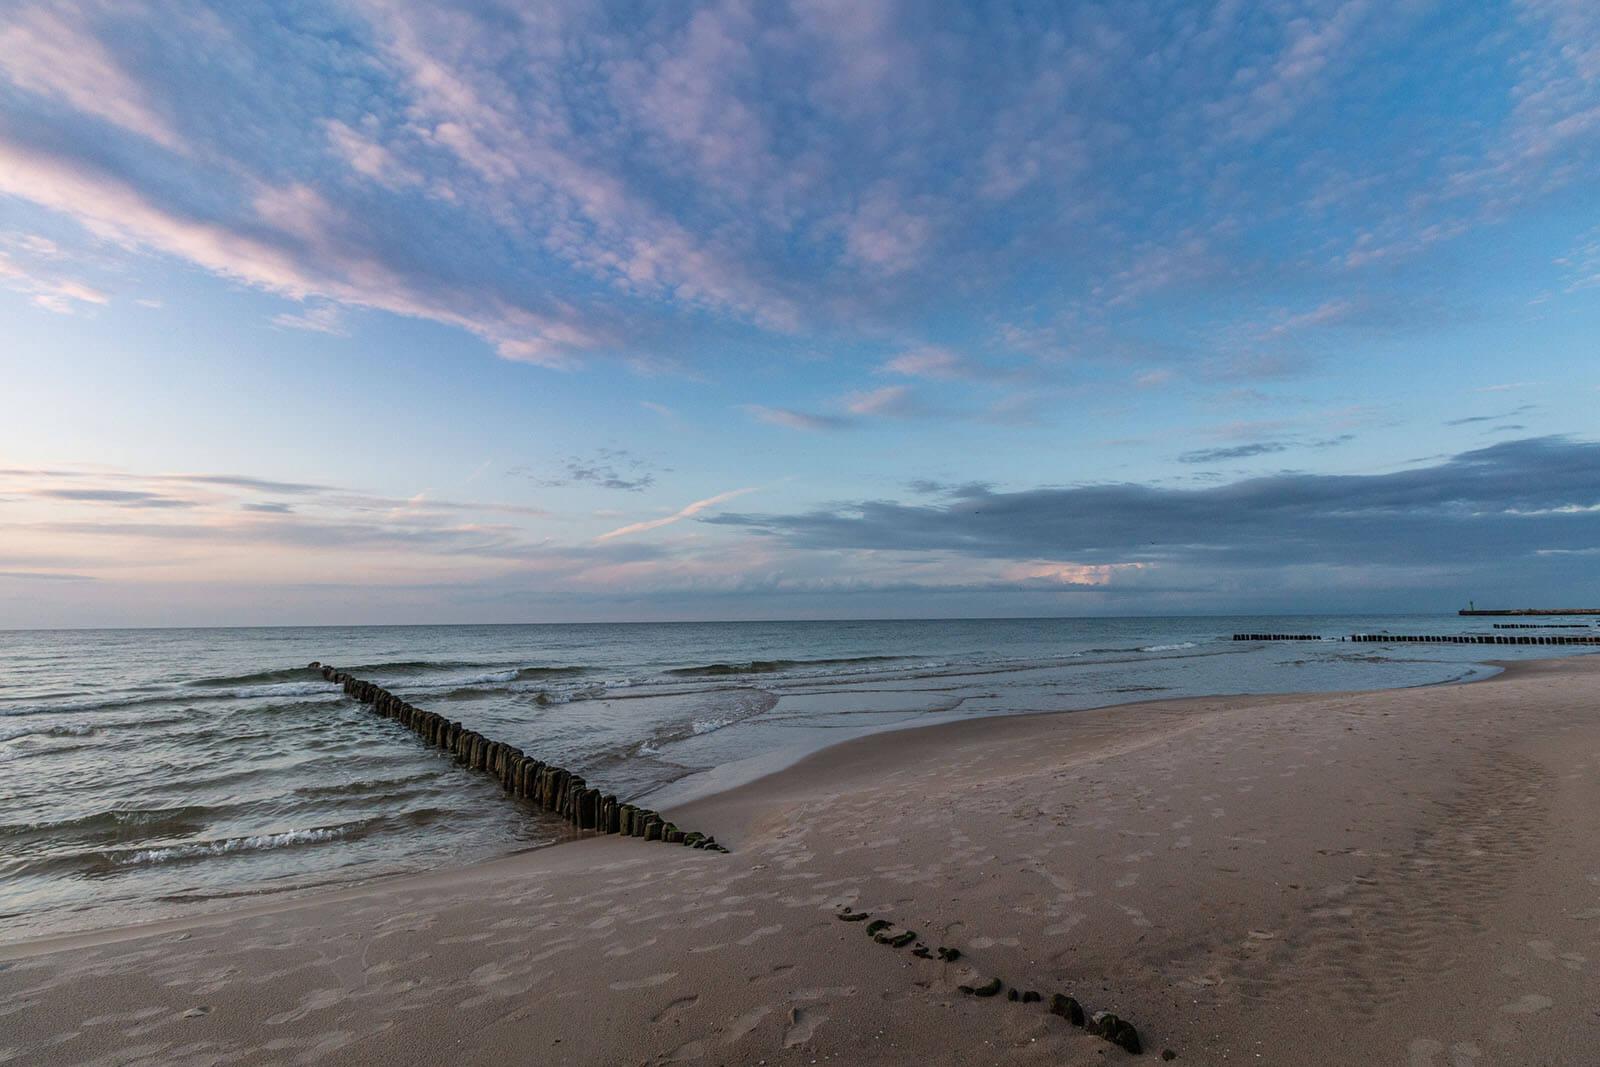 Kilka powodów dla których warto pojechać nad polskie morze po sezonie